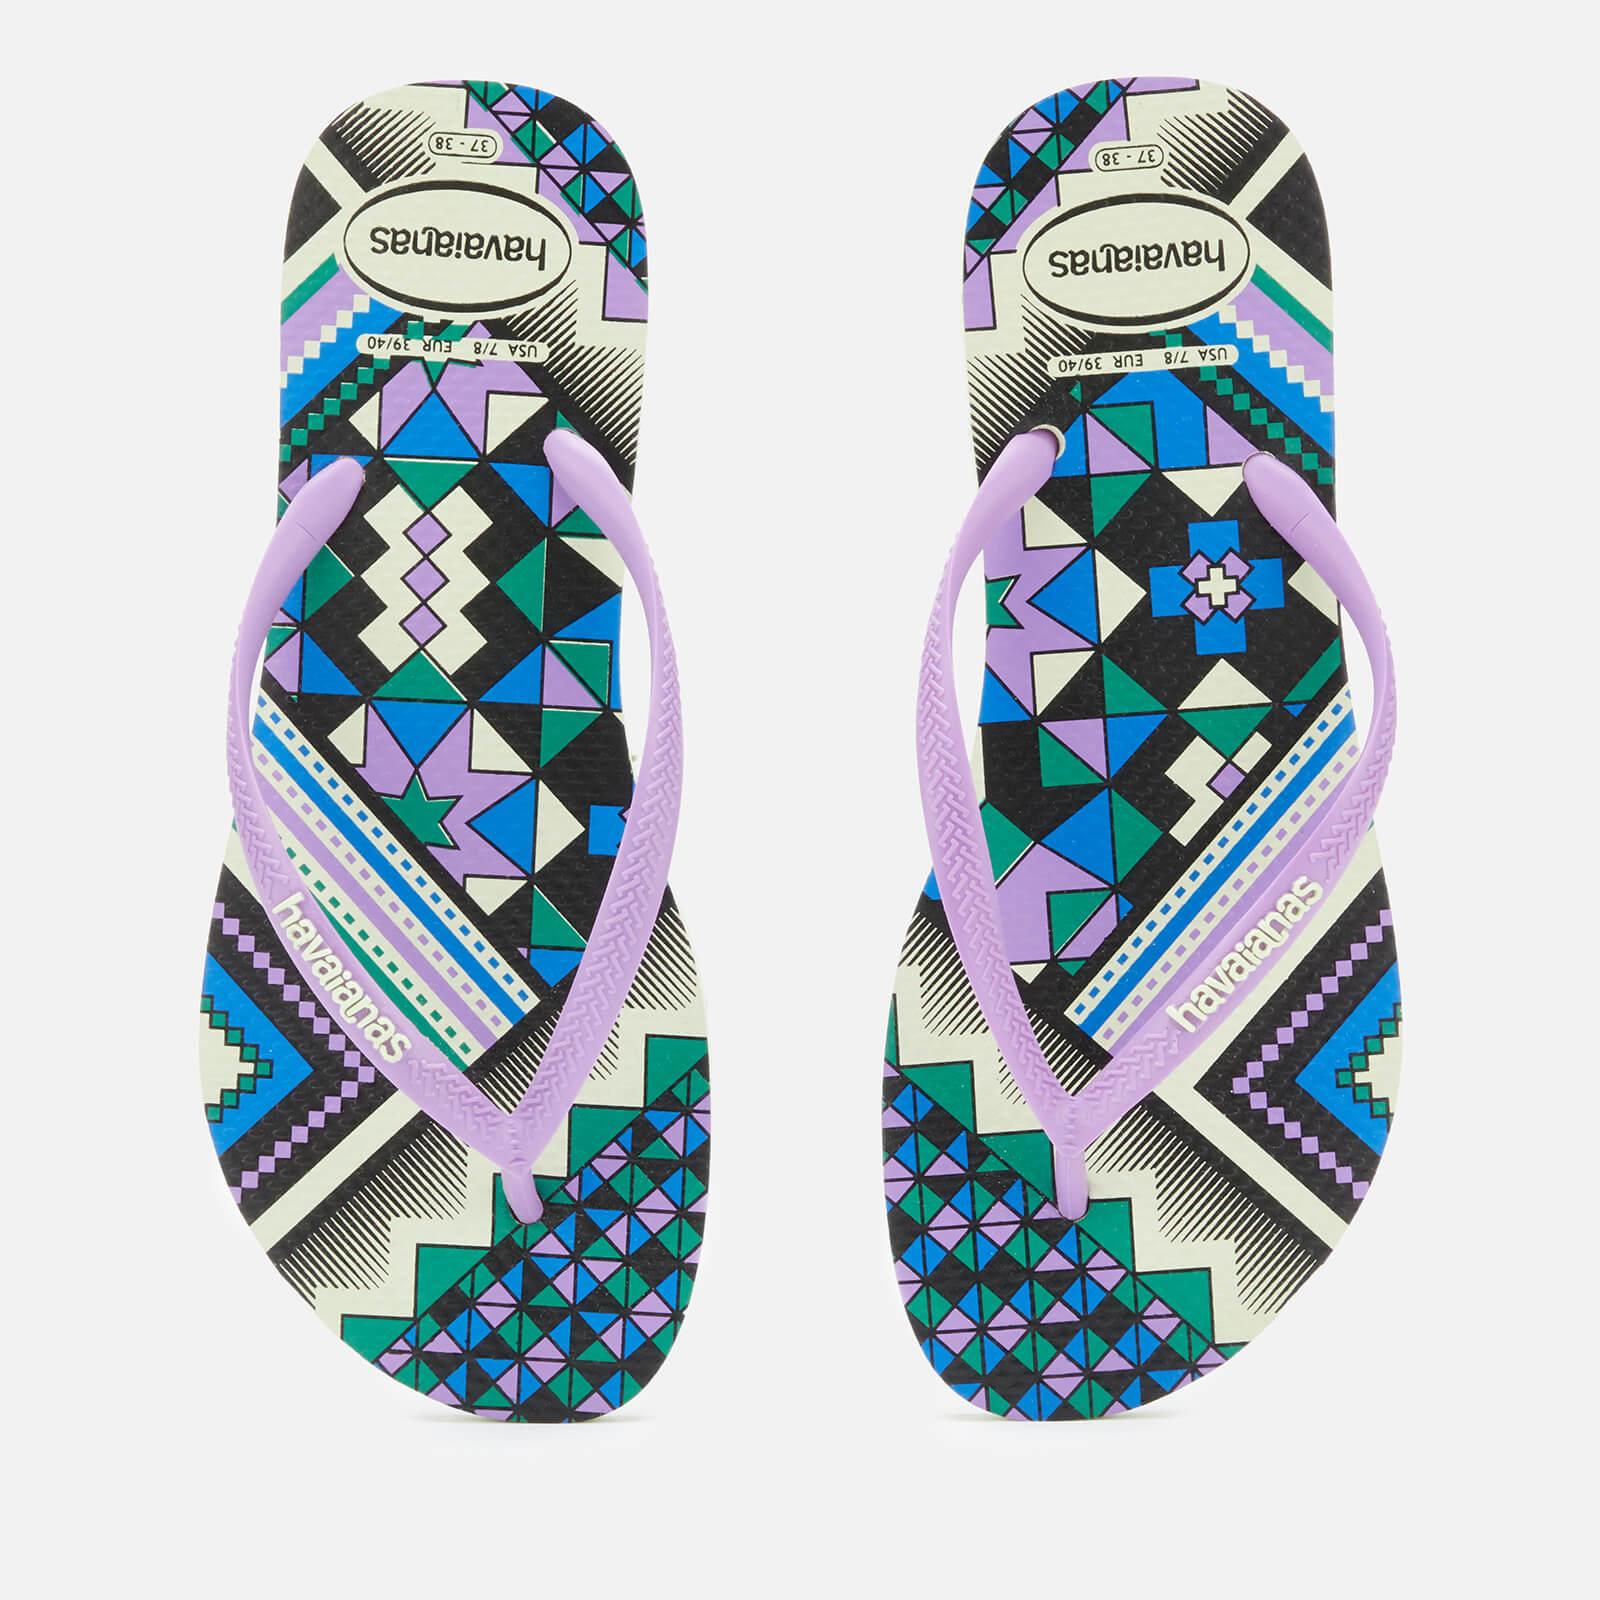 e35151ba1 Havaianas women slim tribal flip flops apple green womens footwear jpg  1600x1600 Tribal print flip flops